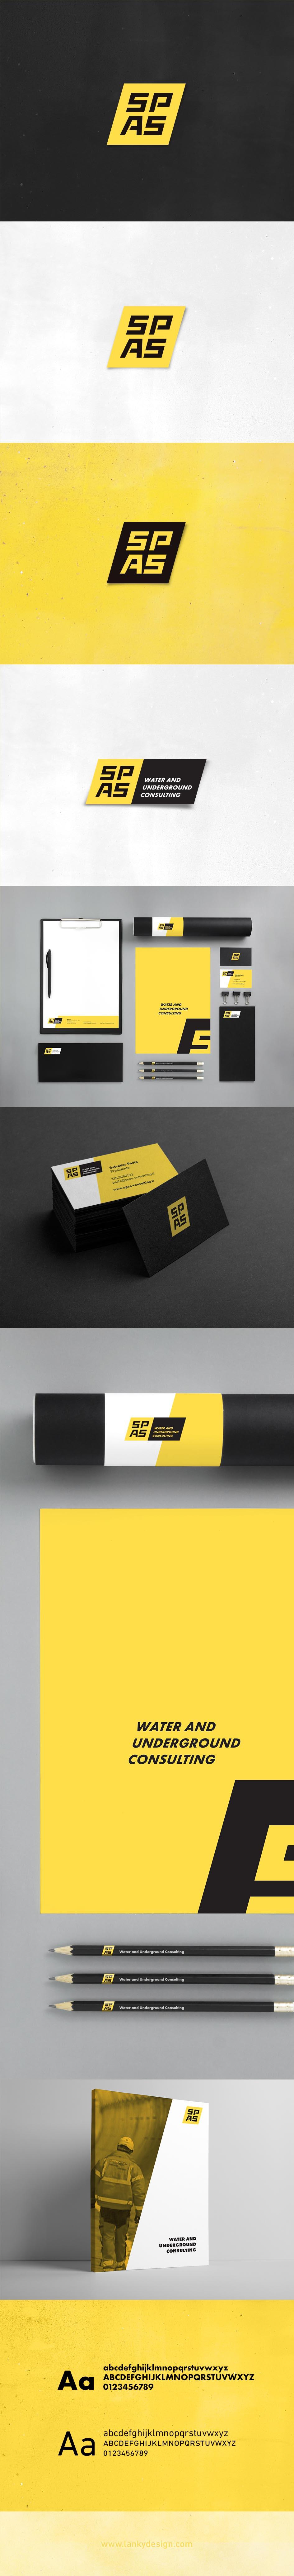 biglietto, brand, brochure, design, grafica, grafico, graphic, identity, logo, logotipo, logotype, marchio, agenzia, padova, edilizia, infiltrazioni, acqua, tunnel, infrastrutture, sbid, treviso, venezia, visita